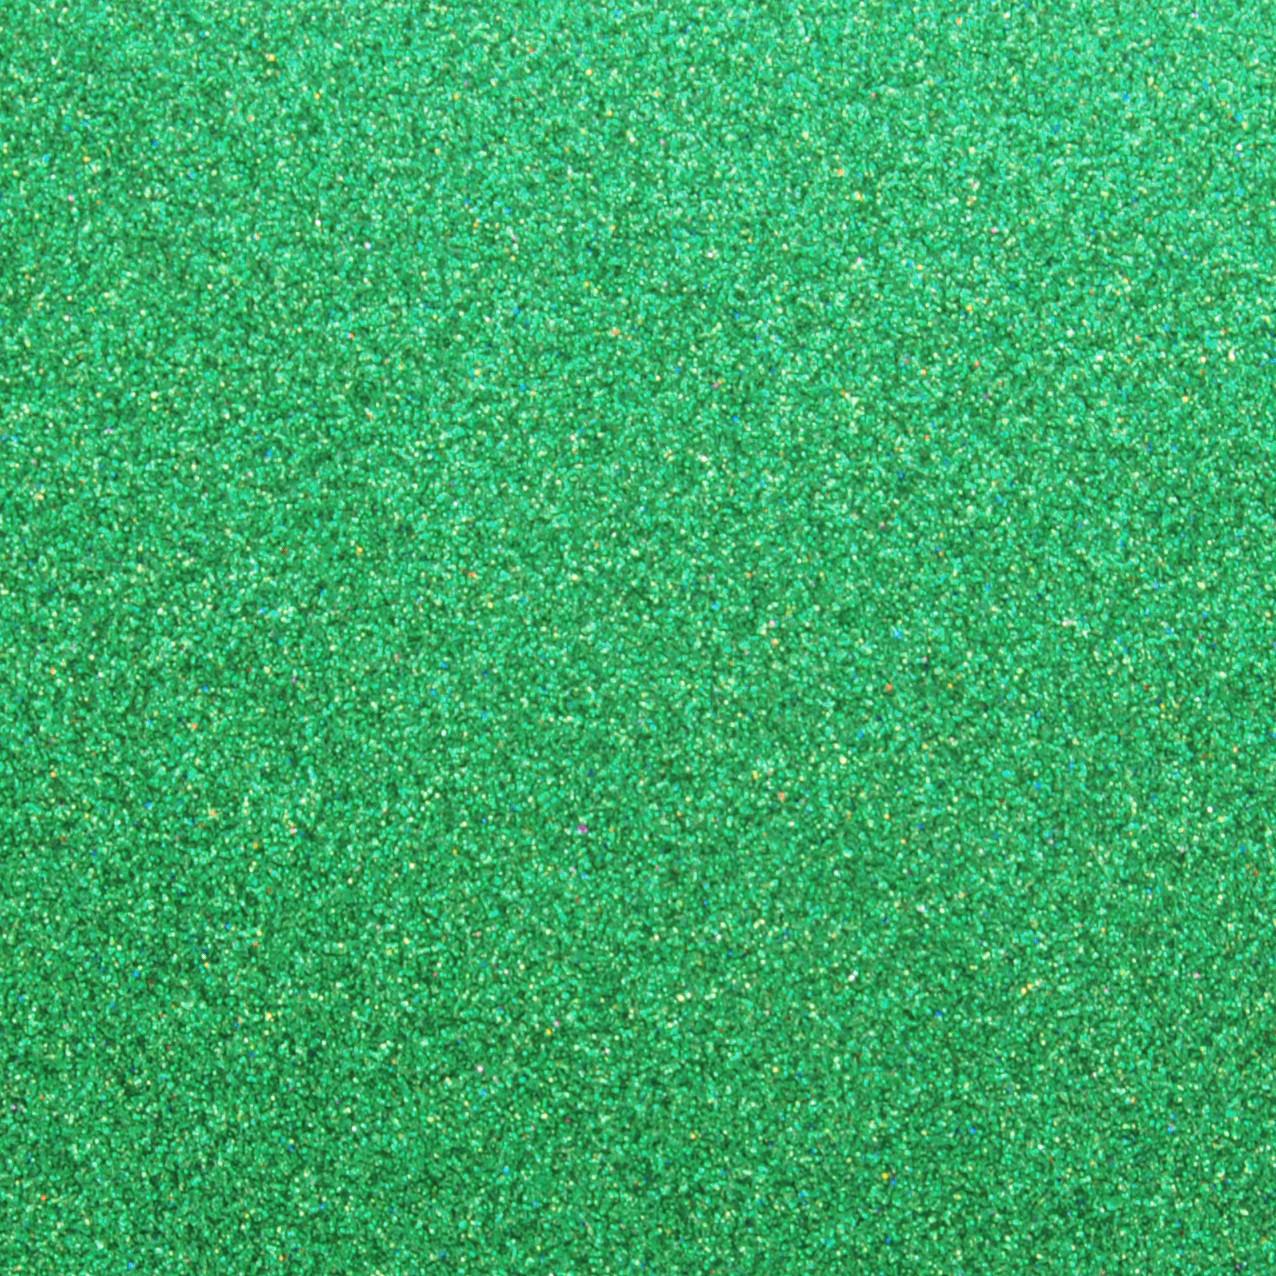 Фоамиран с глиттером 2 мм, 20x30 см, Китай, ИЗУМРУДНЫЙ